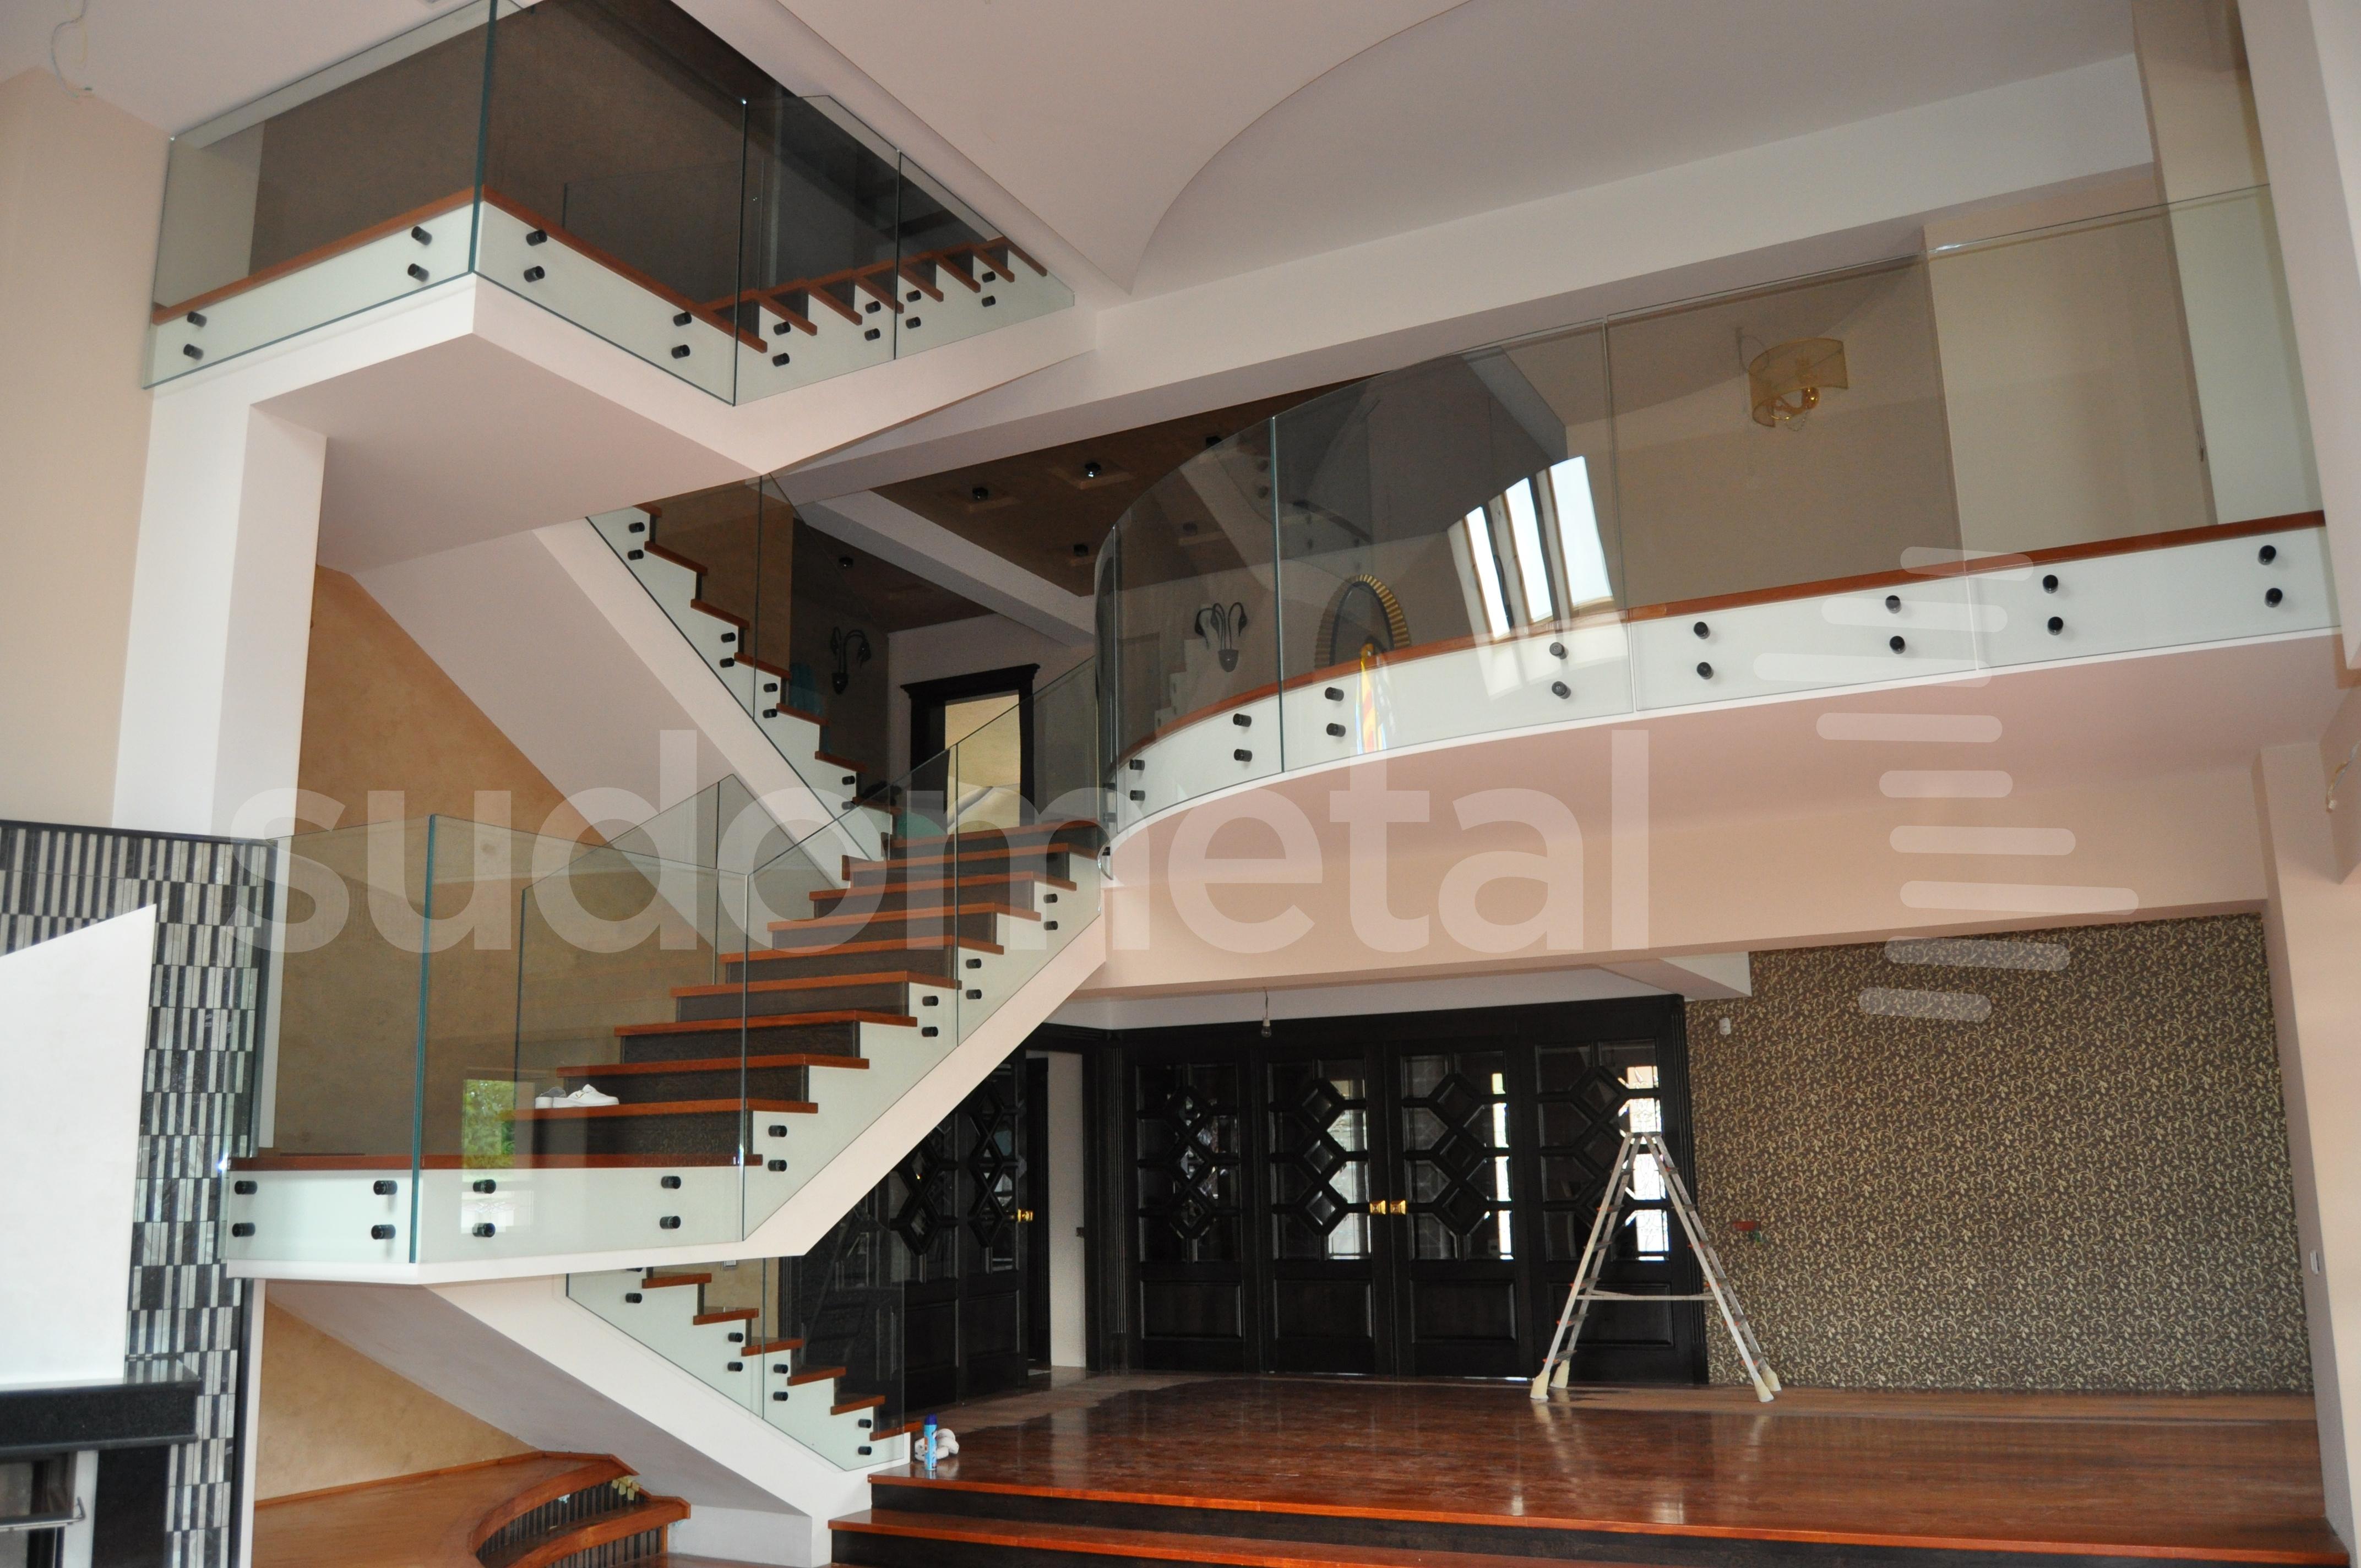 Balustrade din sticla - Balustrada din sticla curba casa particulara Bacau SUDOMETAL - Poza 2